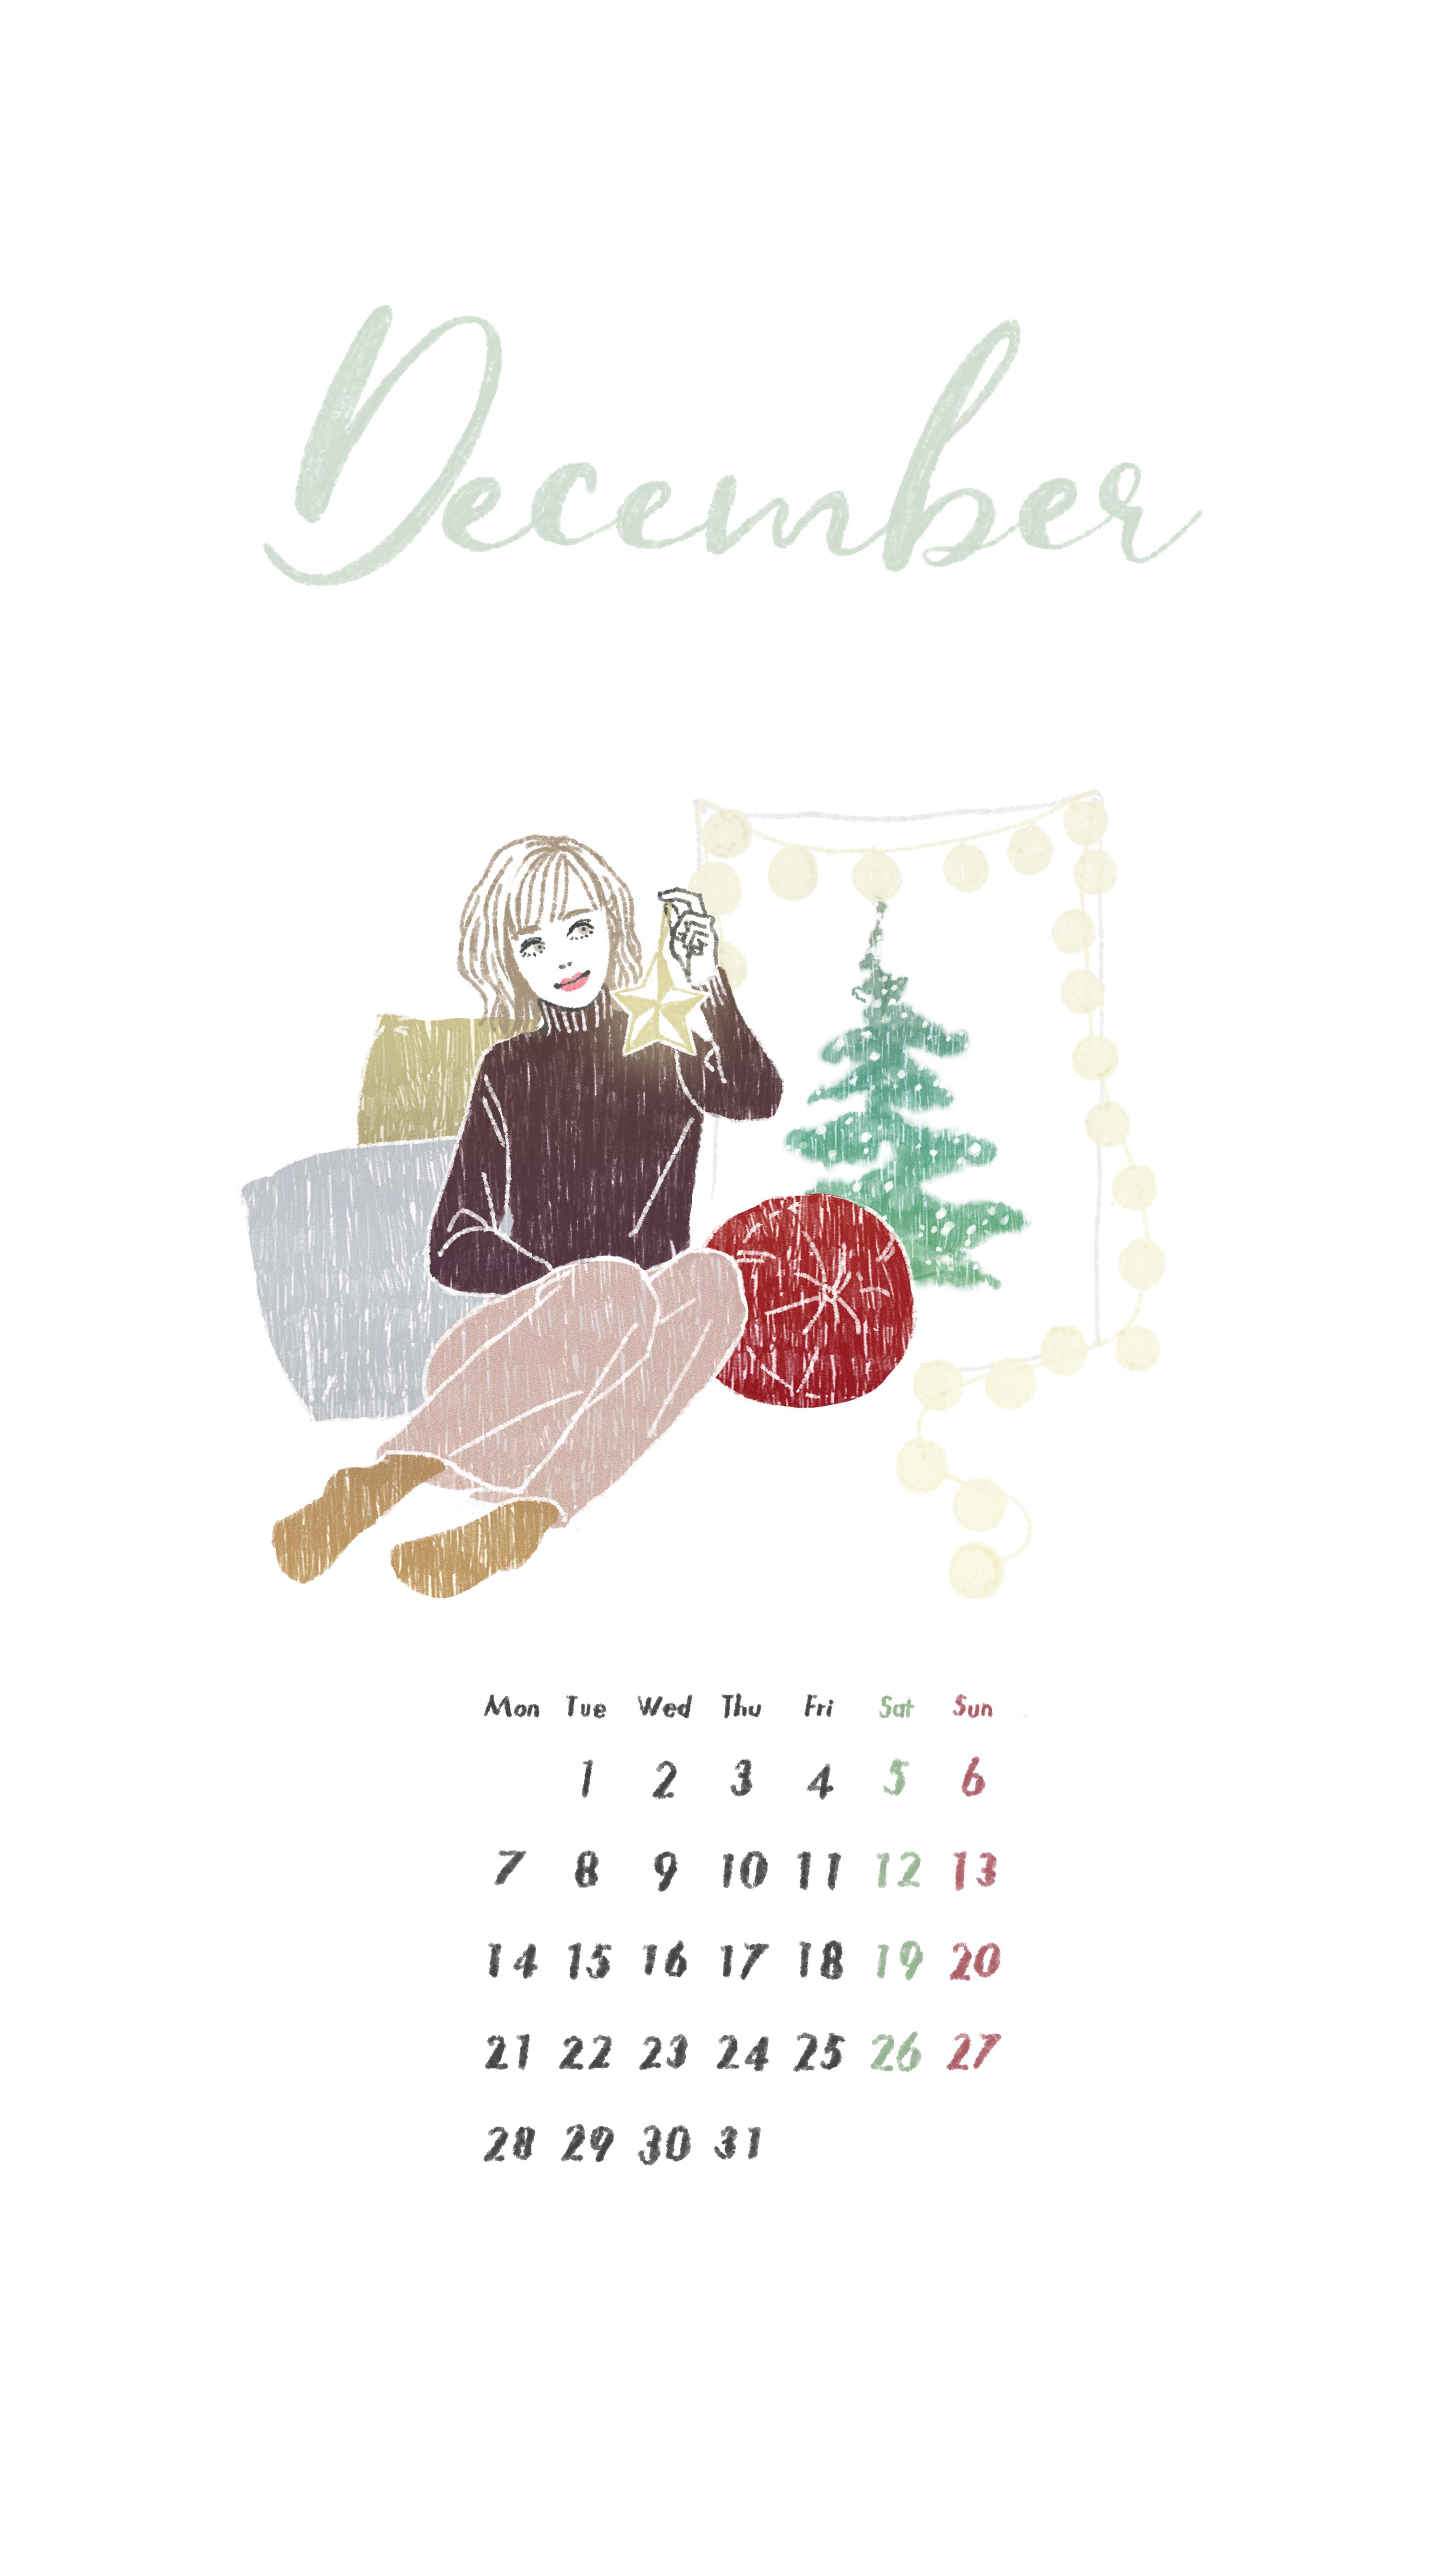 2020年12月カレンダーイラスト